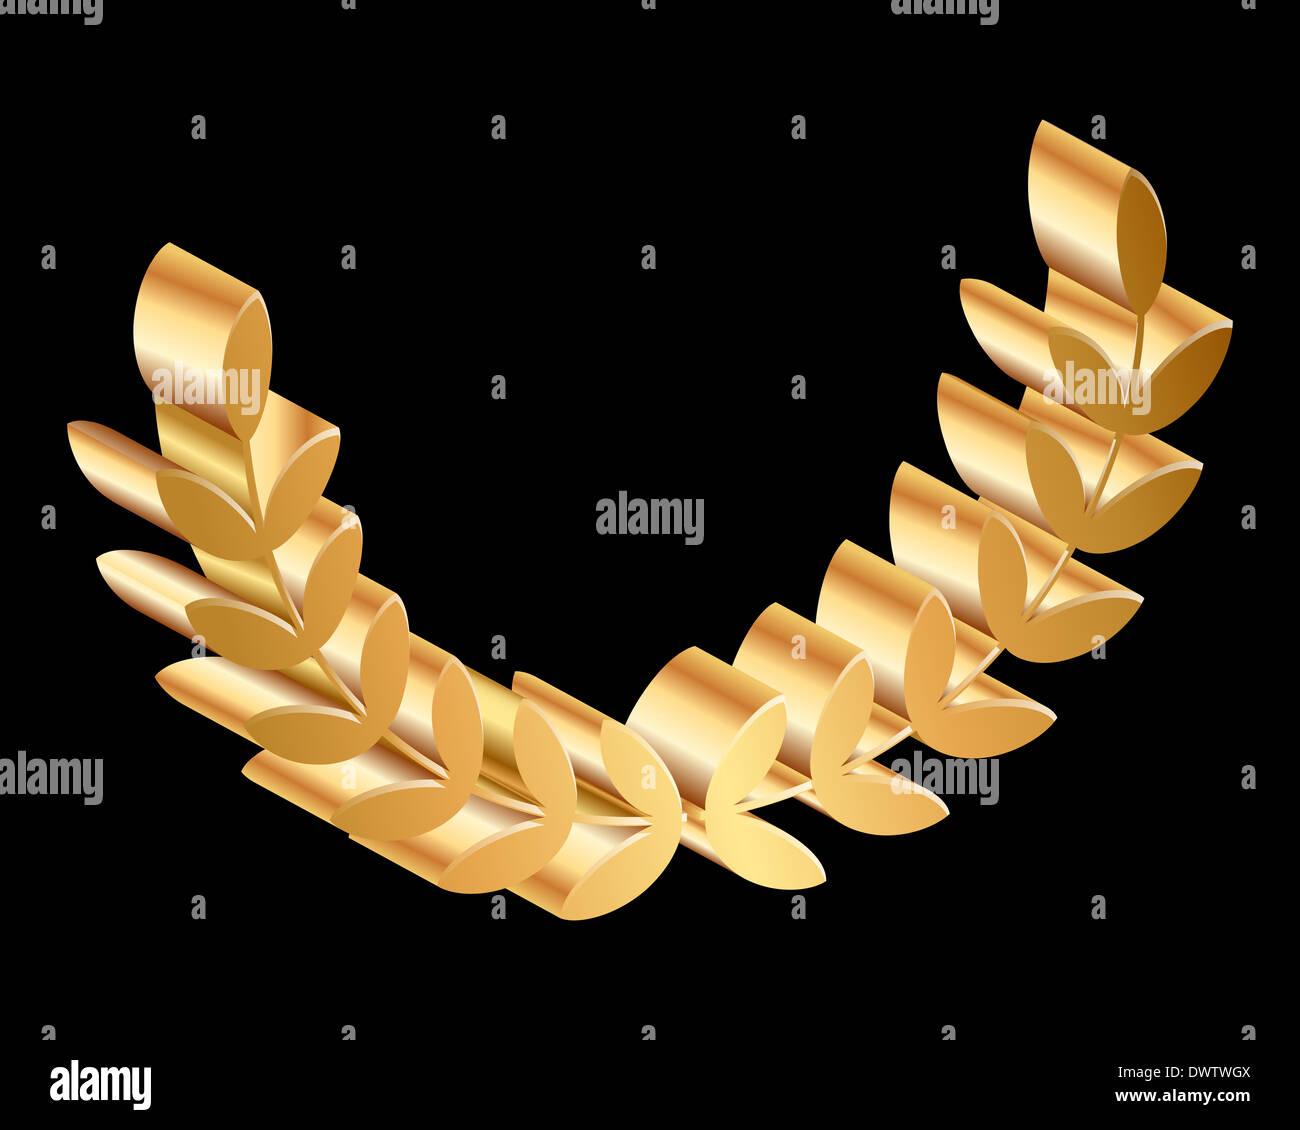 gold laurels on black background - Stock Image